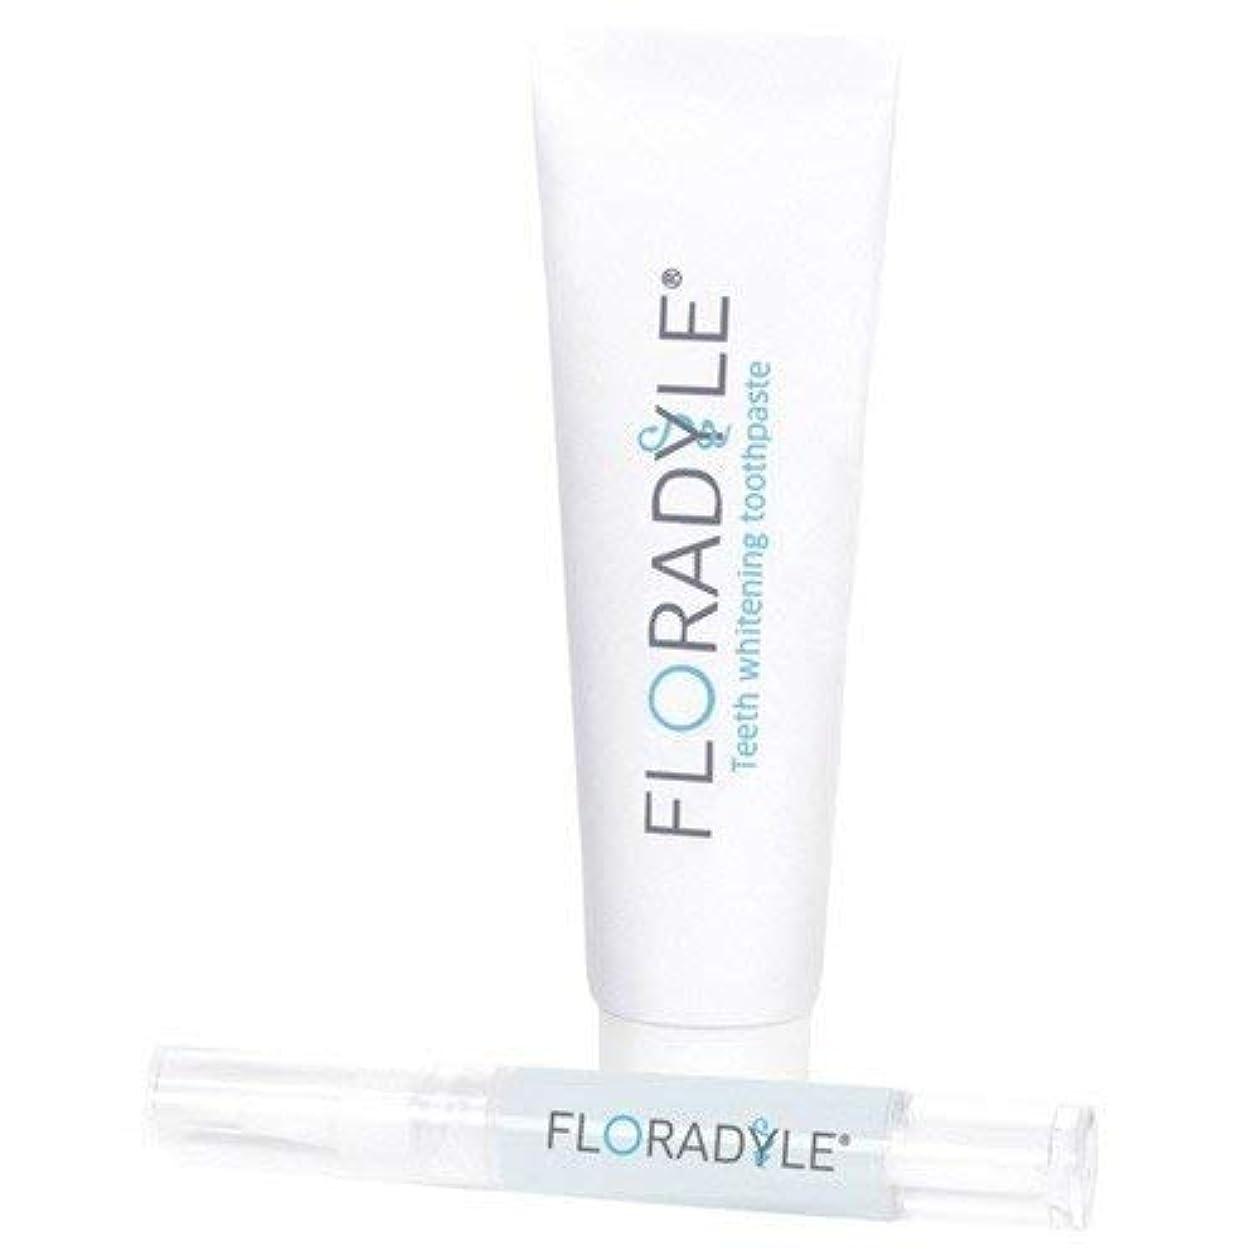 味わうインサートジャケットFloradyle(フロラダイル) ホワイトニングジェル&ホワイトニング歯磨き粉 セット